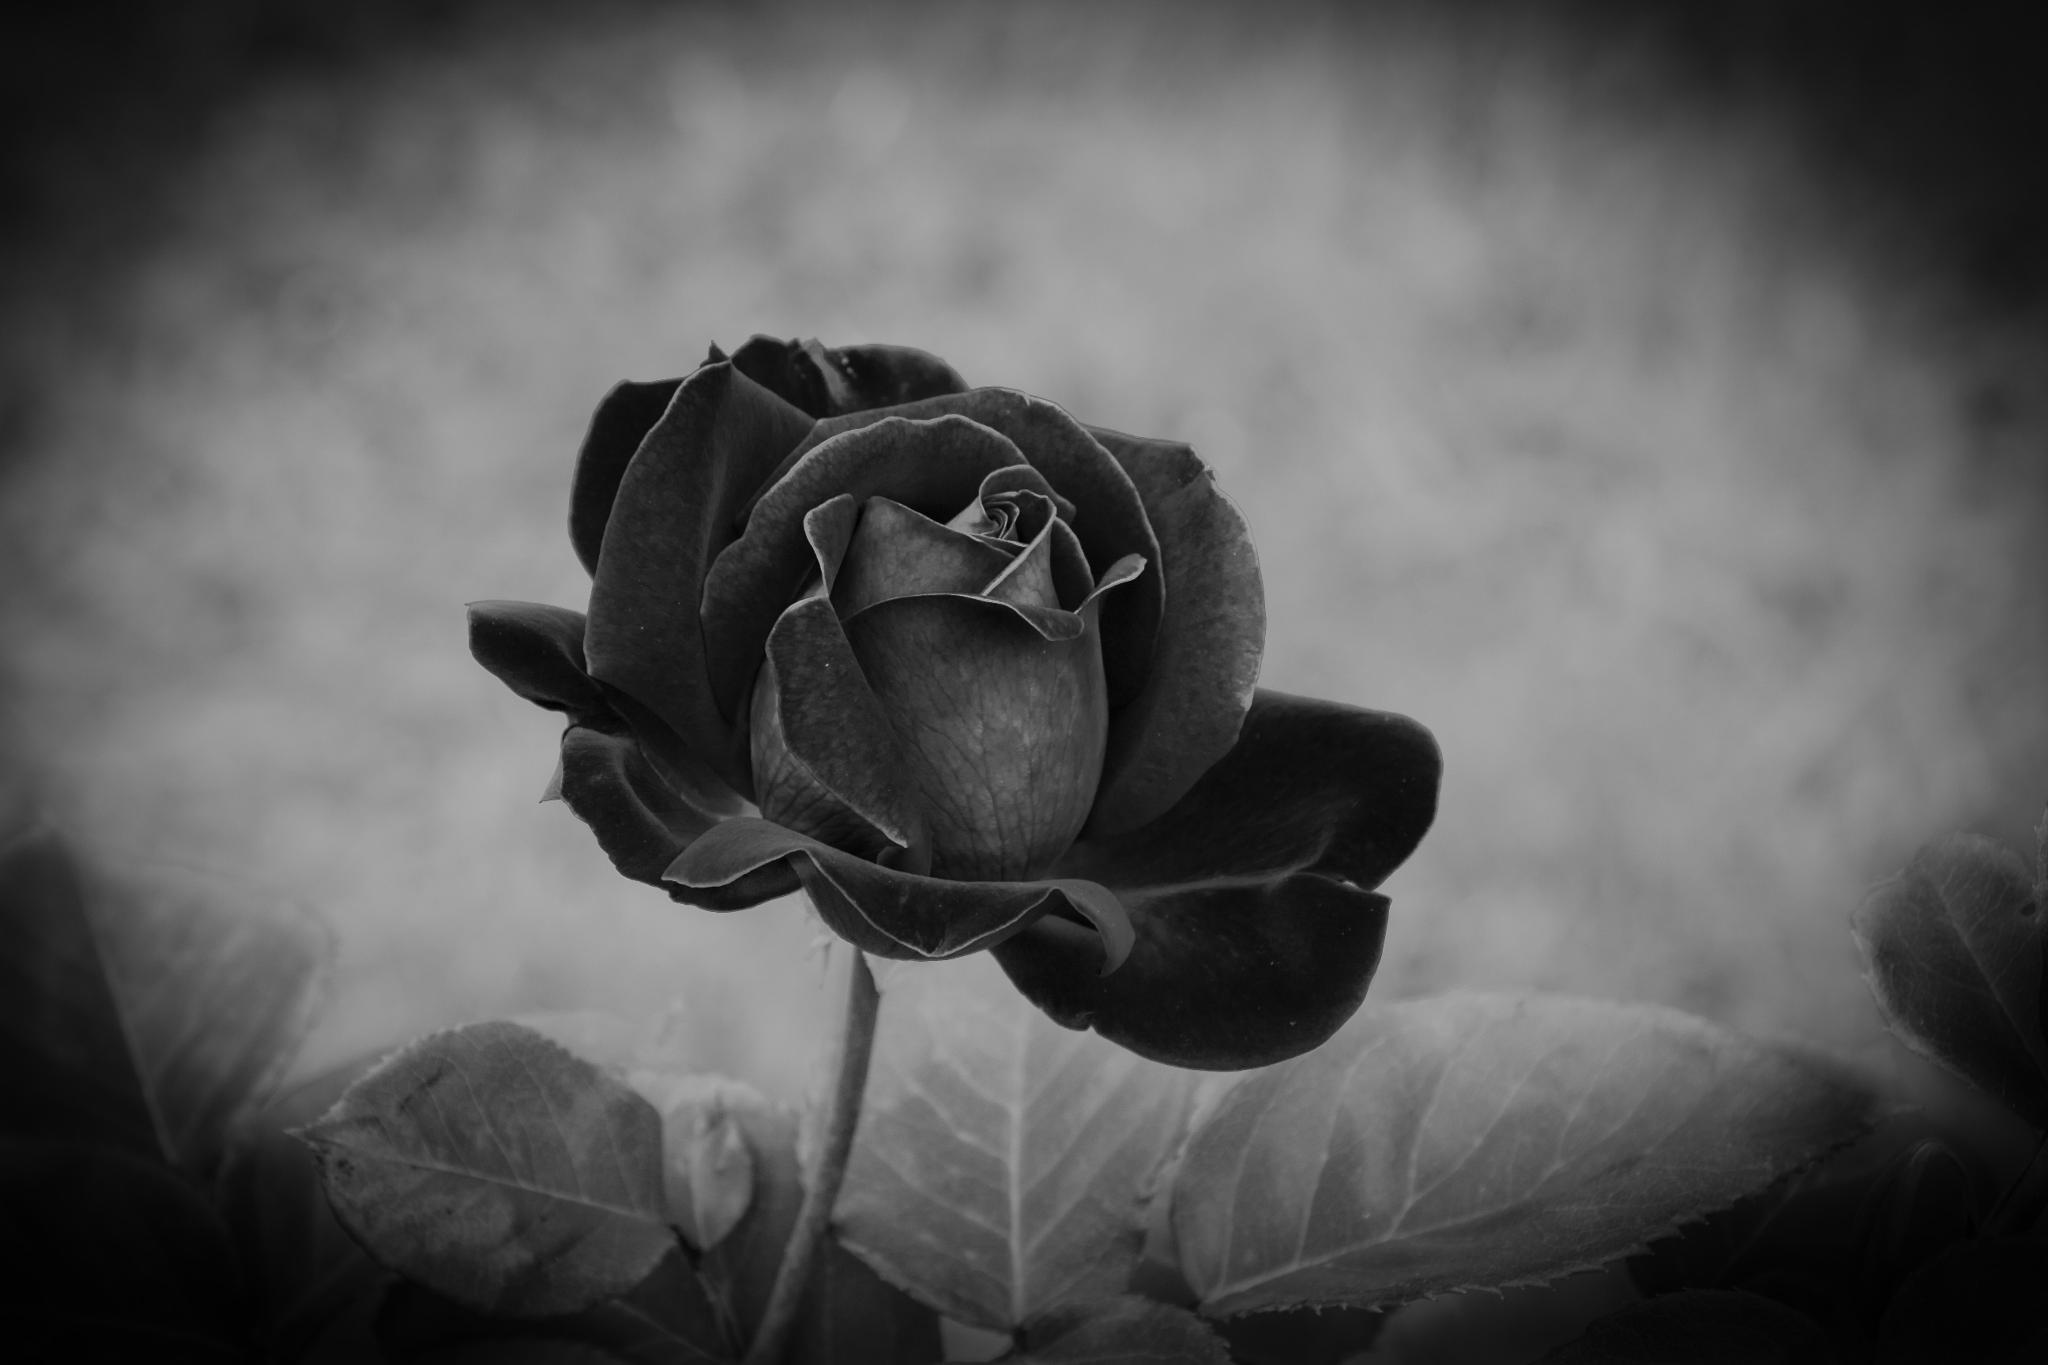 Black rose by Eleonora Ellie Cacciari